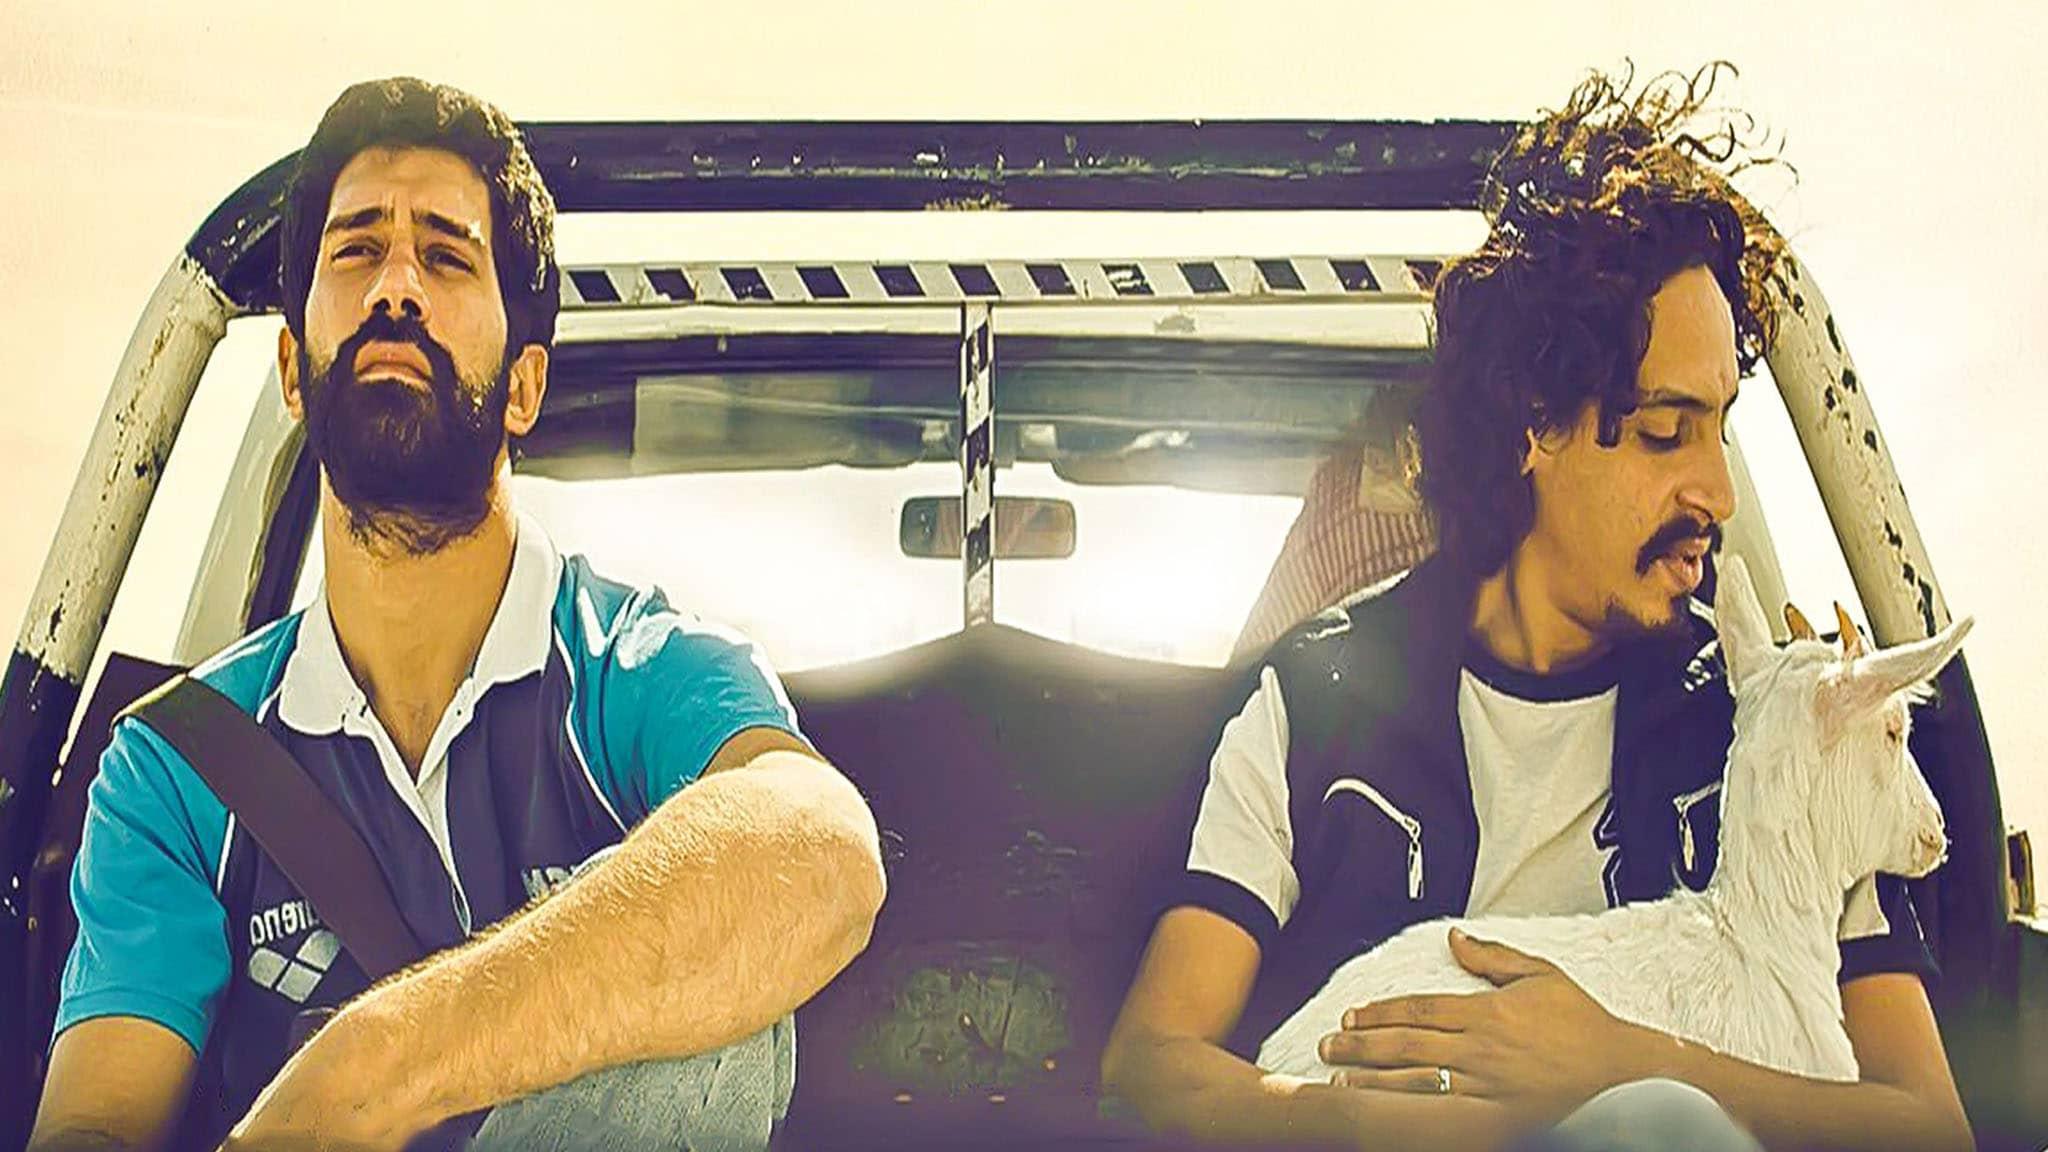 فيلم علي معزة وابراهيم 2016